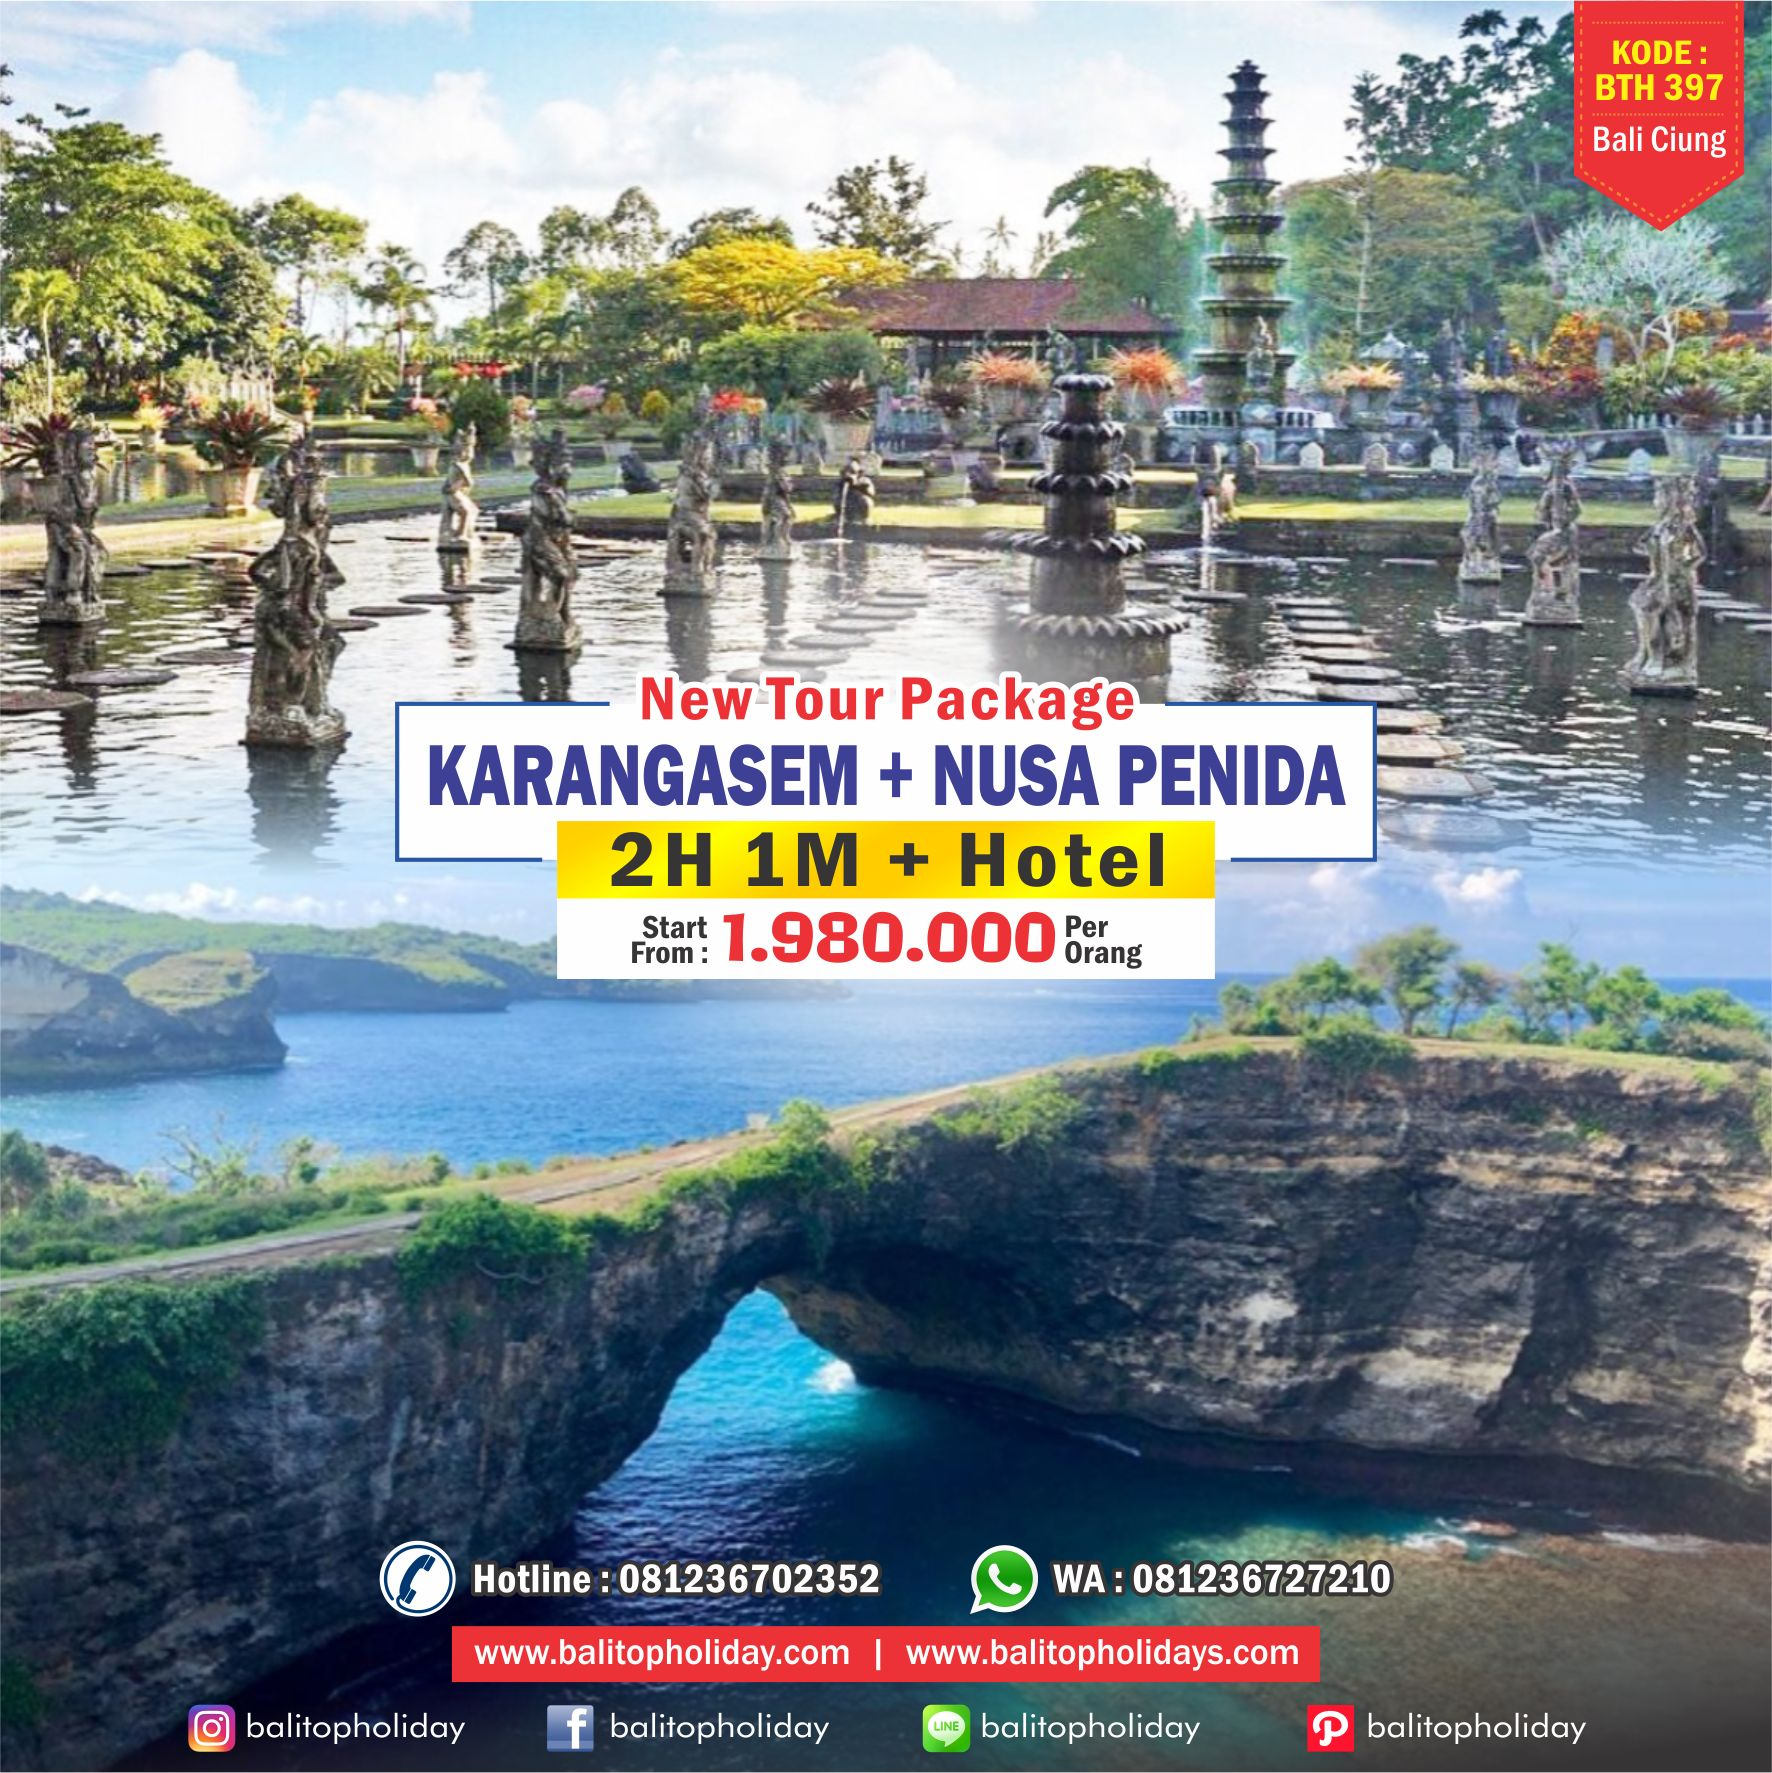 Paket Tour 2H 1M + Hotel (Karangasem + Nusa Penida) BTH 397